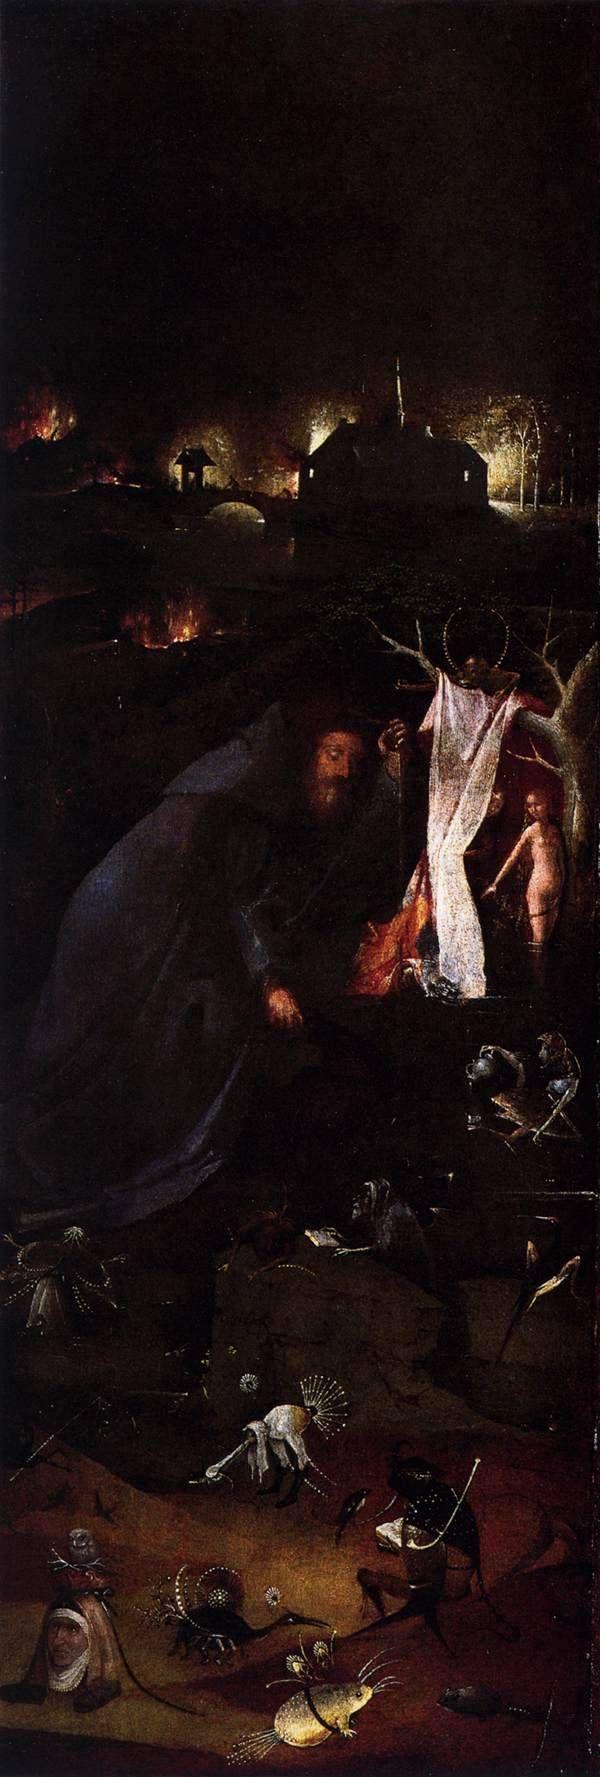 Hermit Saints Triptych (left panel), 1505, Hieronymus Bosch